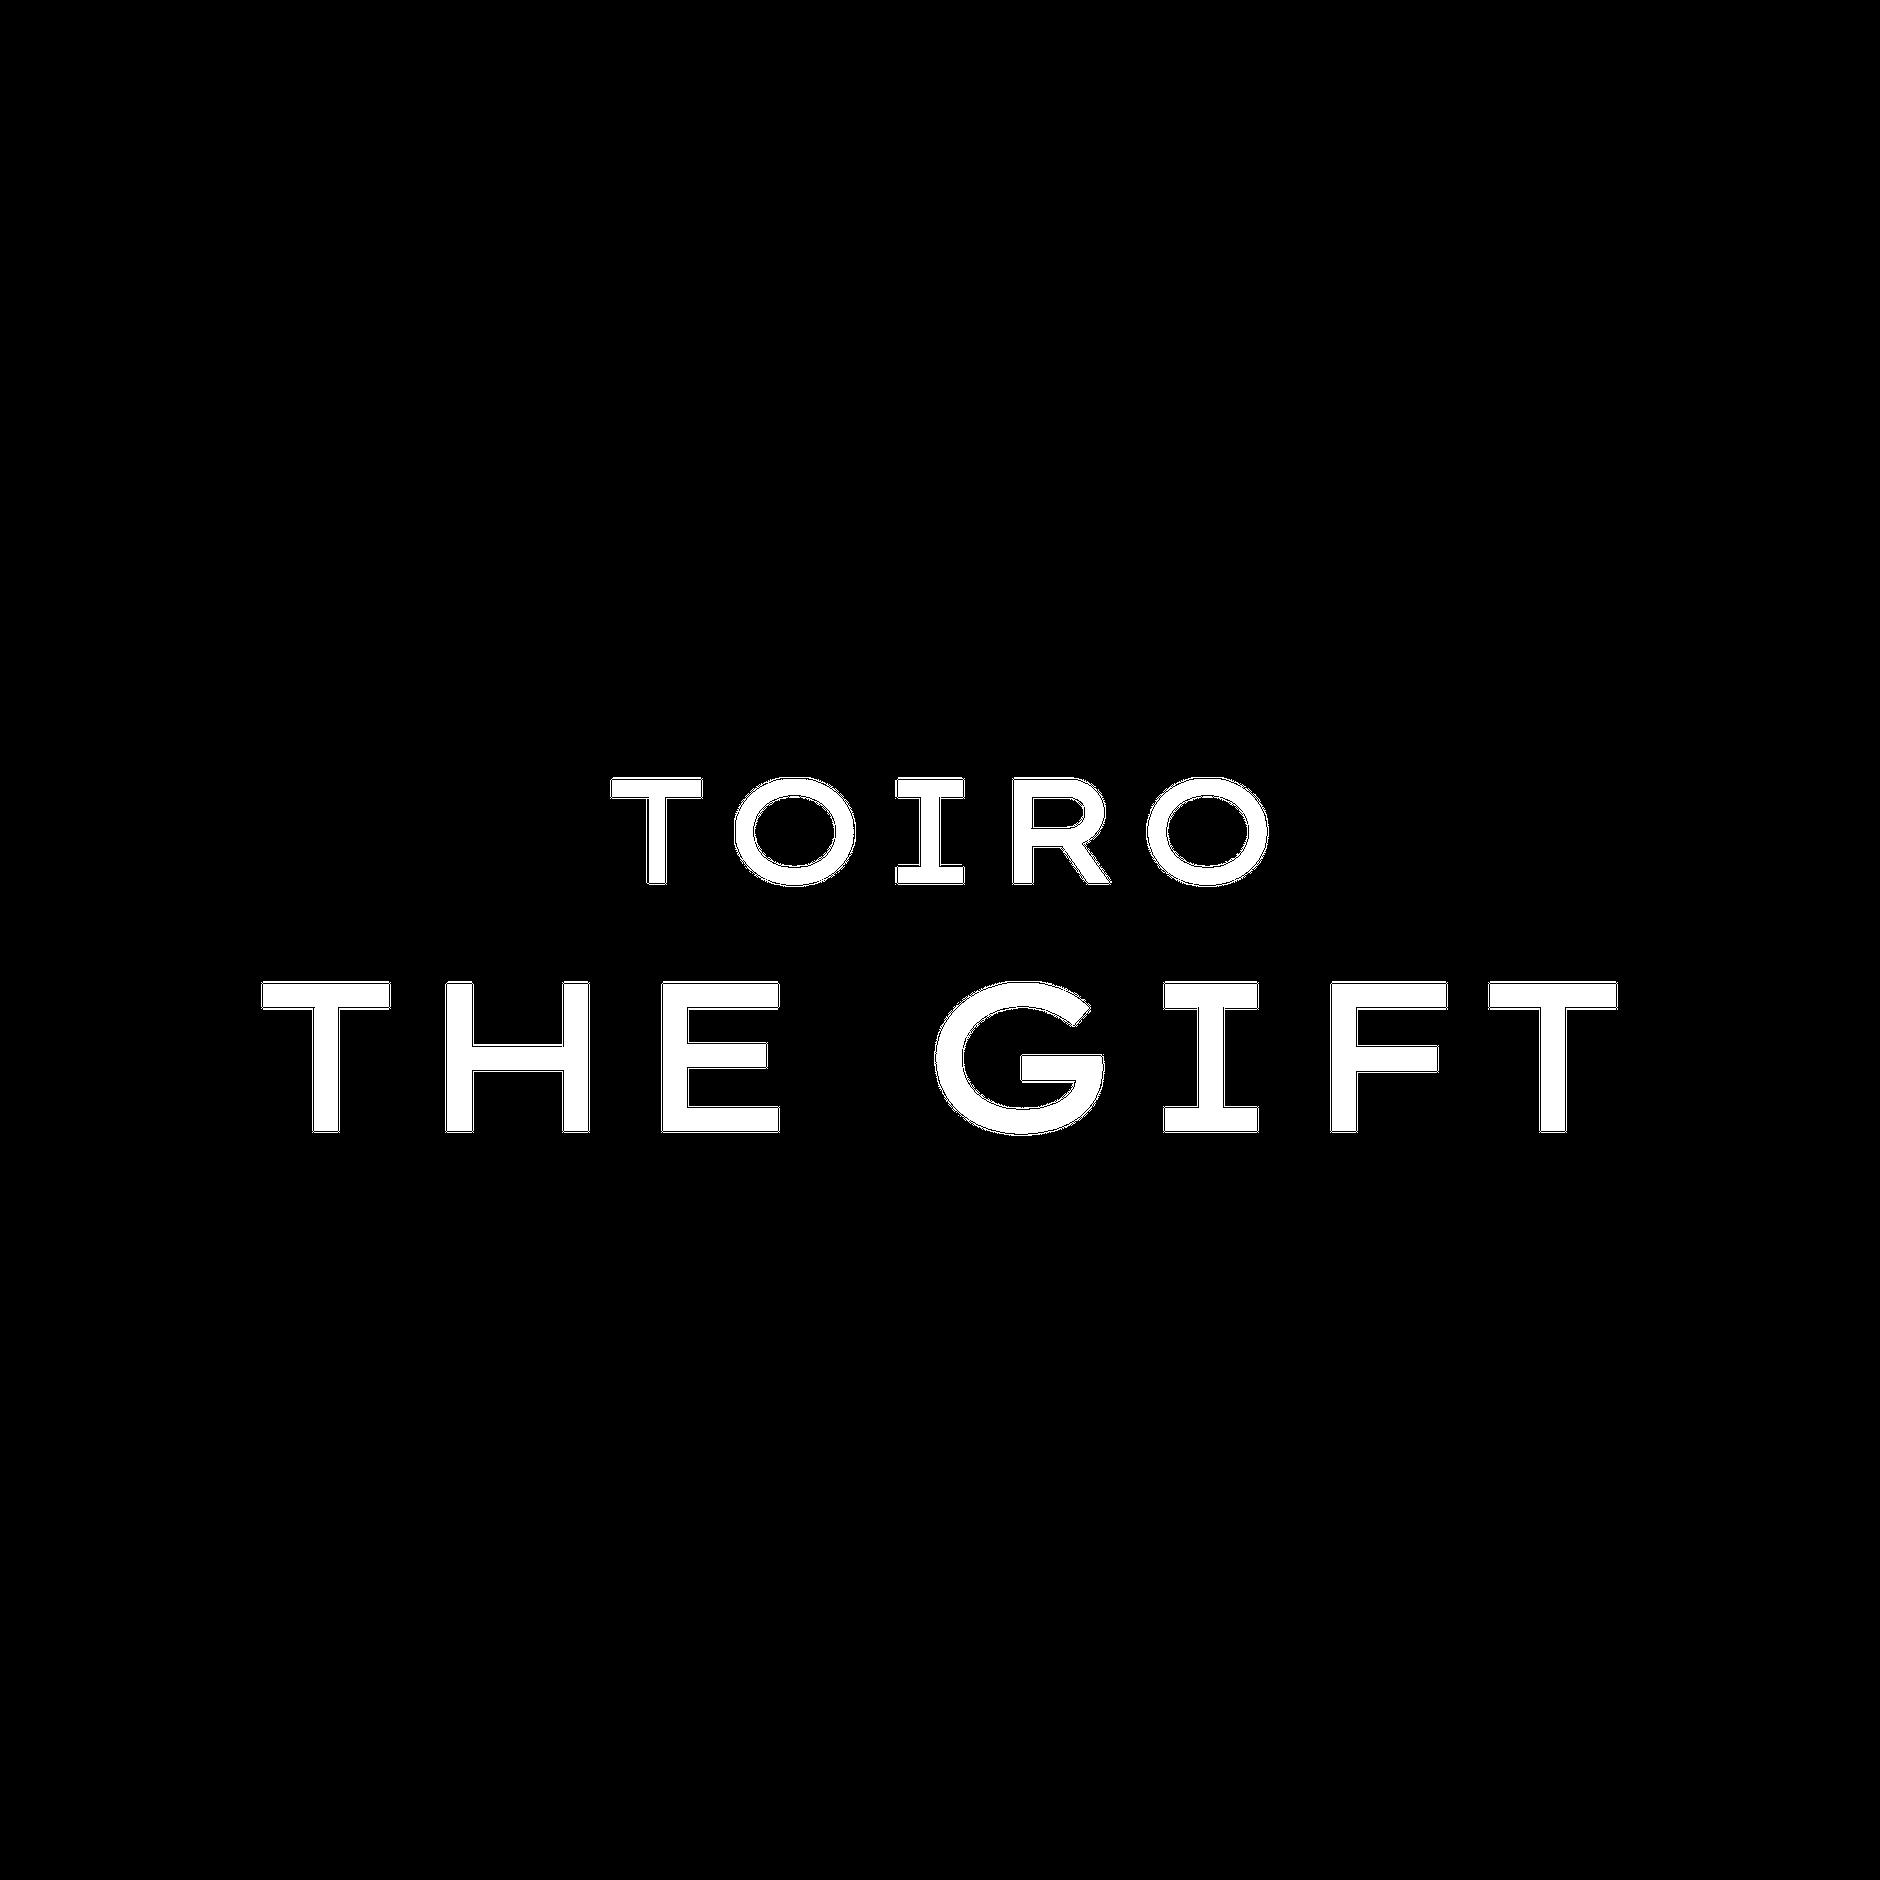 TOIRO THE GIFT